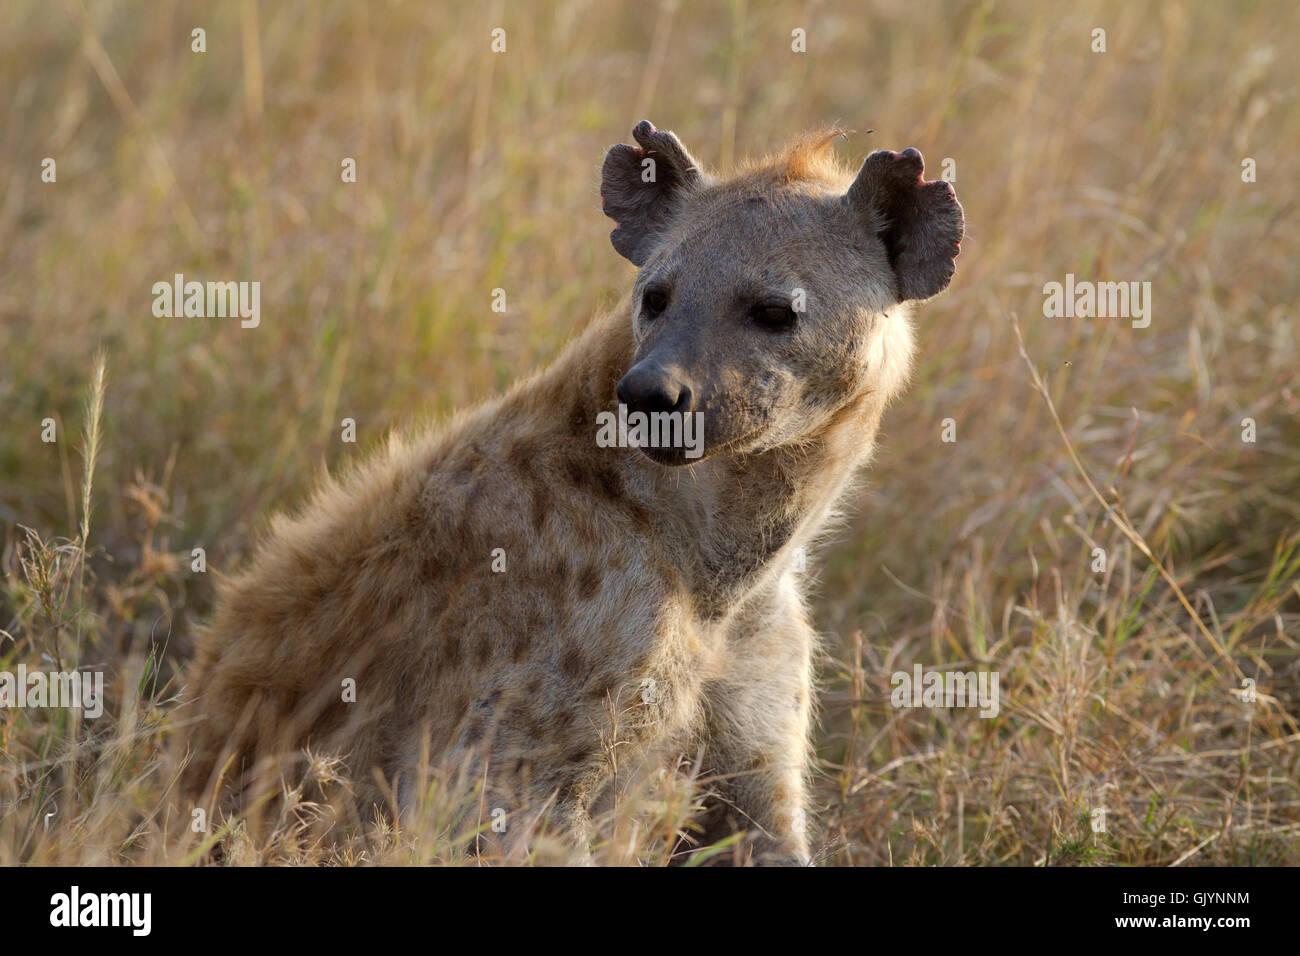 hyena - Stock Image